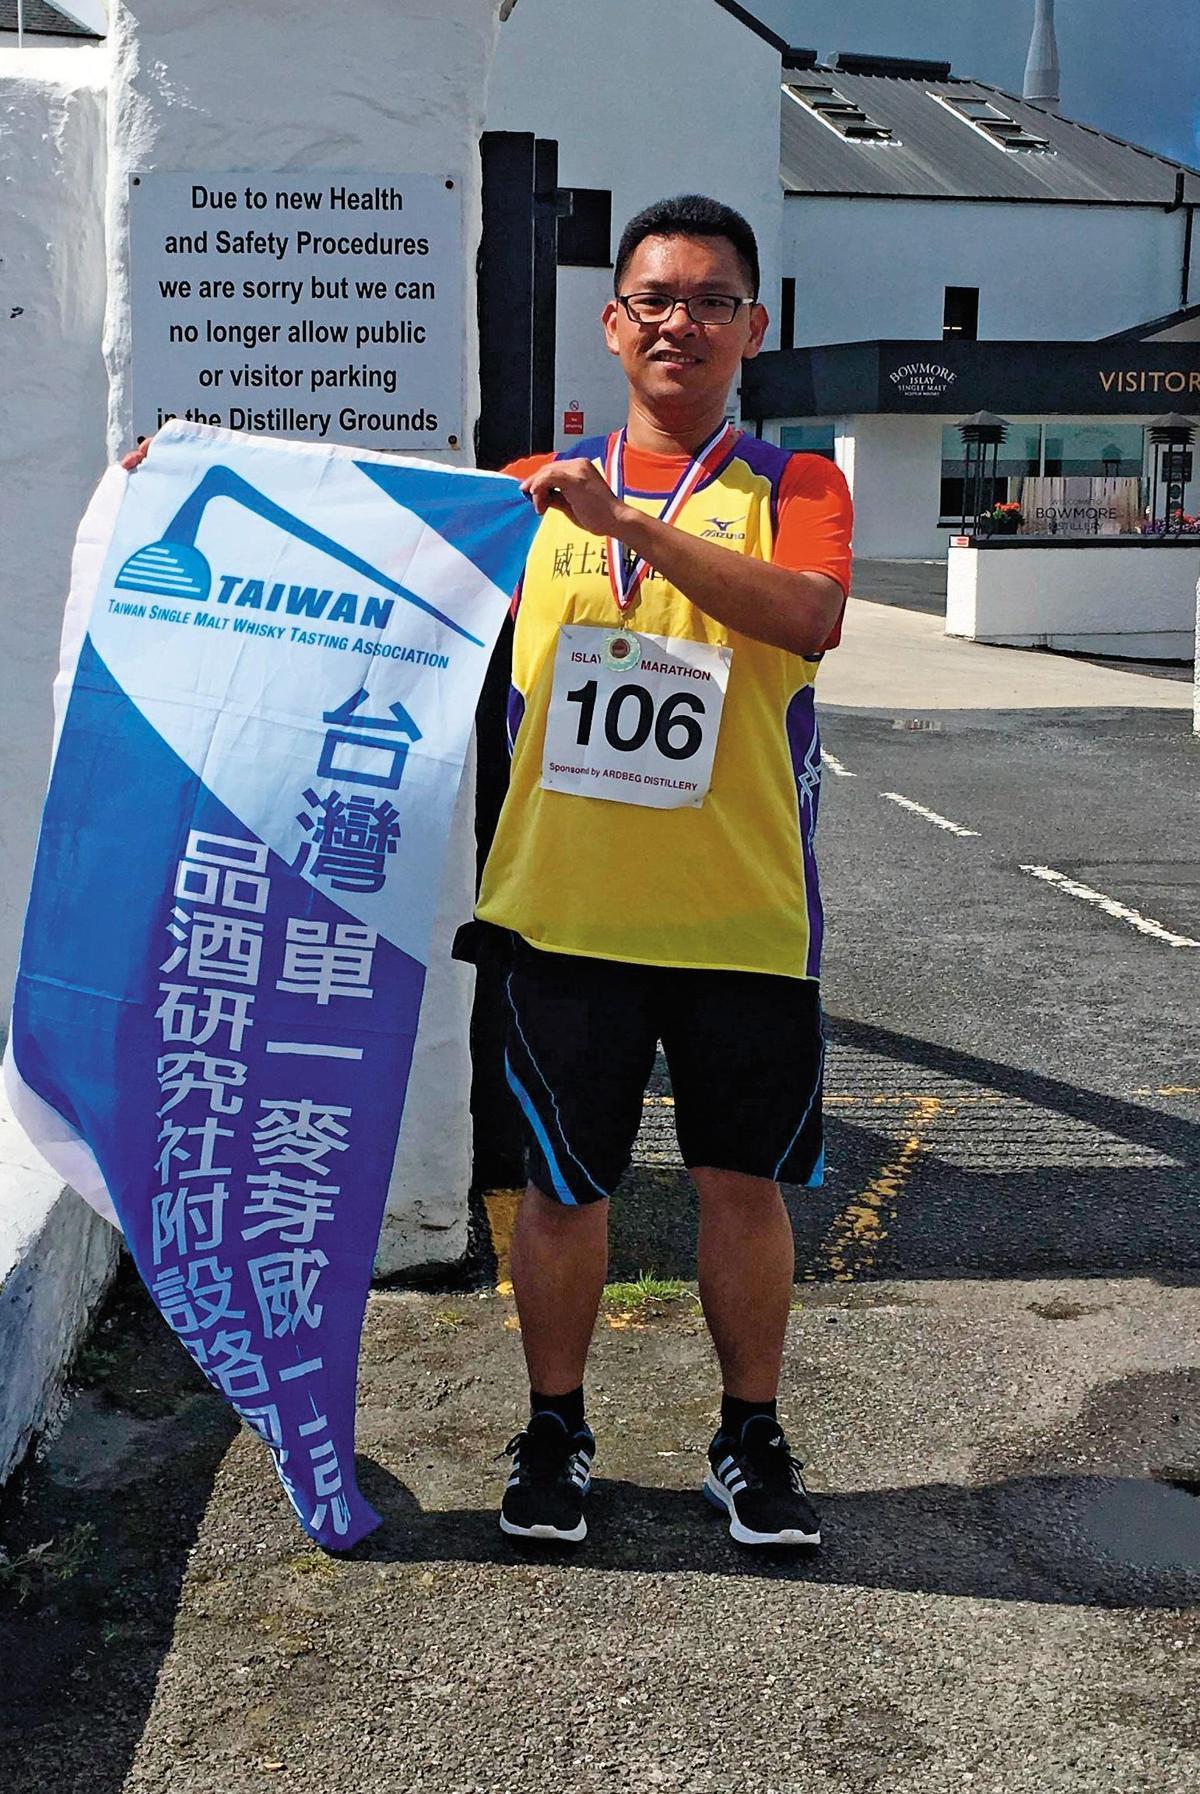 2017年8月社員熊大維身負隊旗完成蘇格蘭艾雷島半馬路跑賽,也寫下隊旗繞行威士忌聖地艾雷島的紀錄。